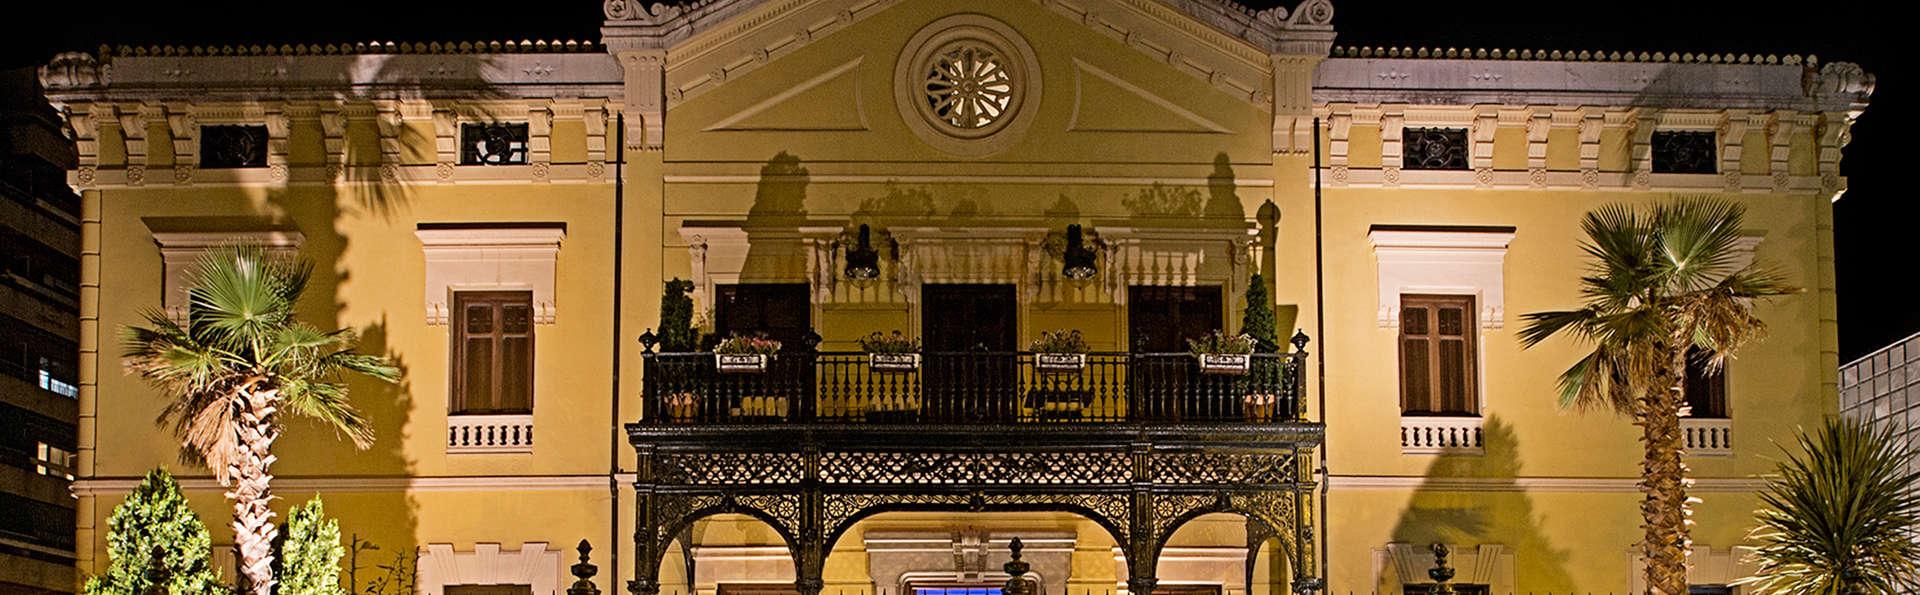 Hotel Hospes Palacio de los Patos - EDIT_front.jpg